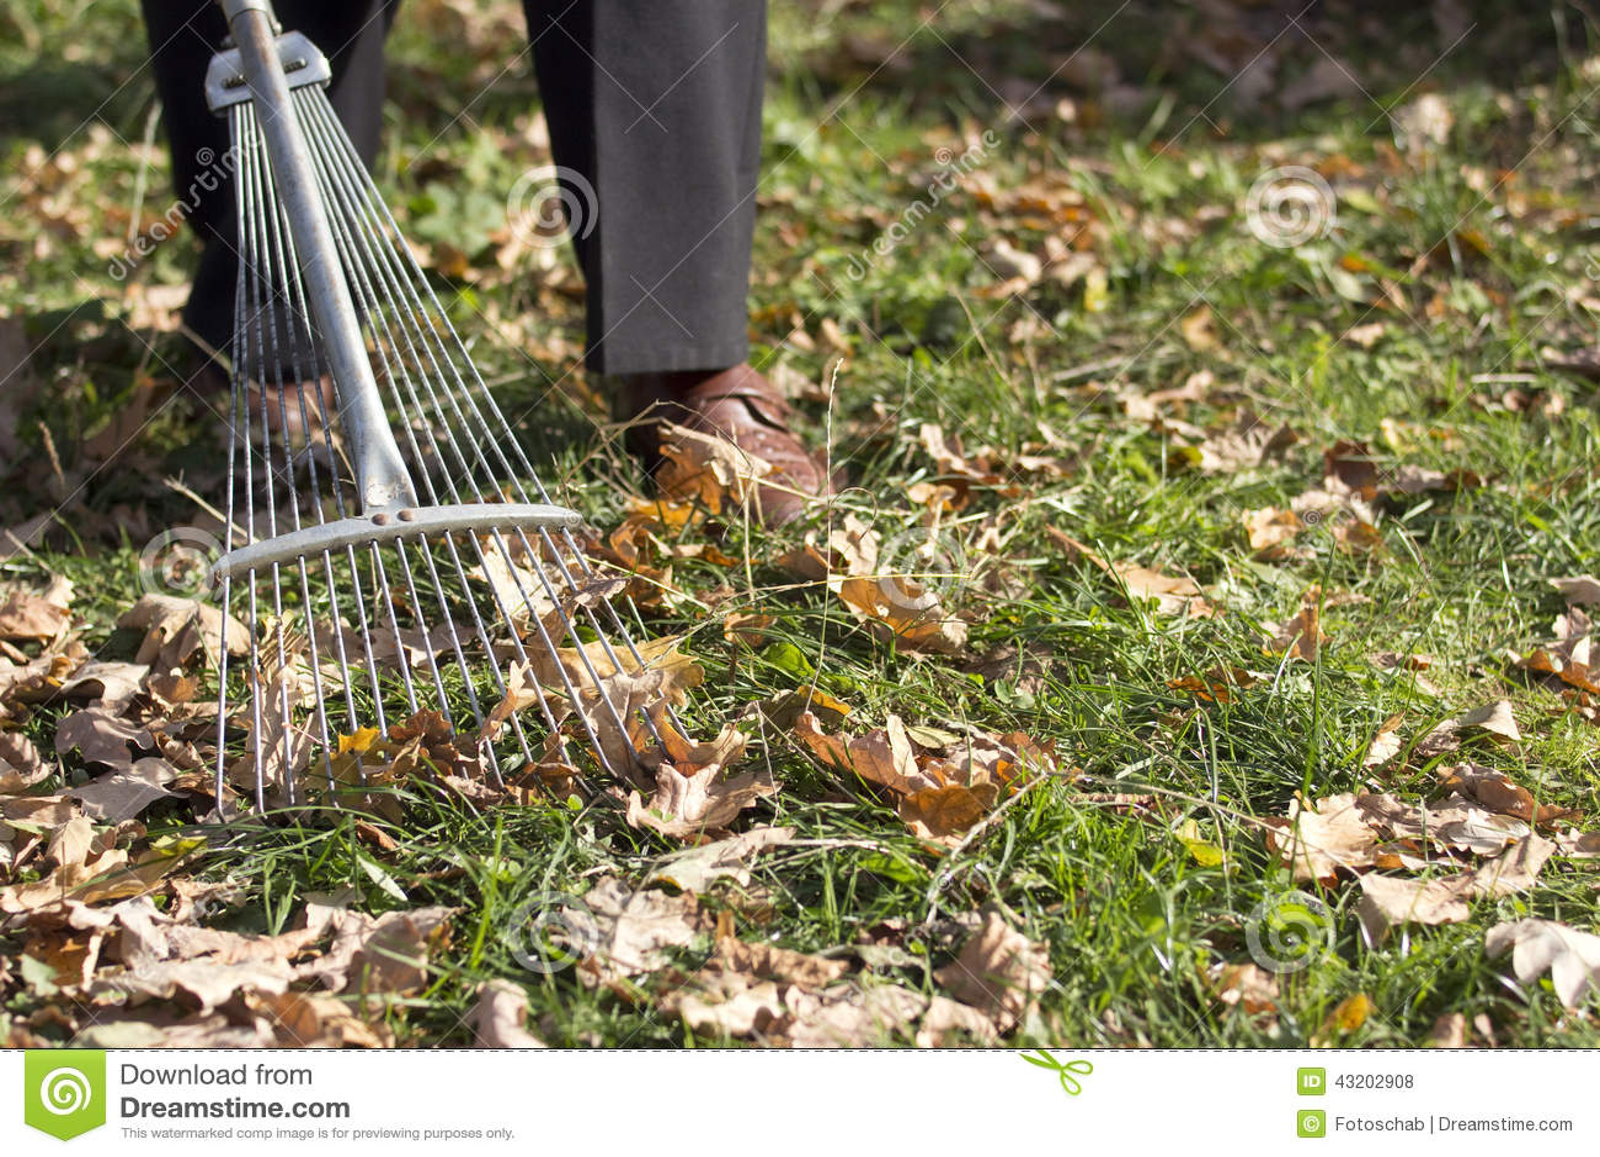 Download Kratta för leaves arkivfoto. Bild av kratta, gräs, trädgårdsmästarar - 43202908